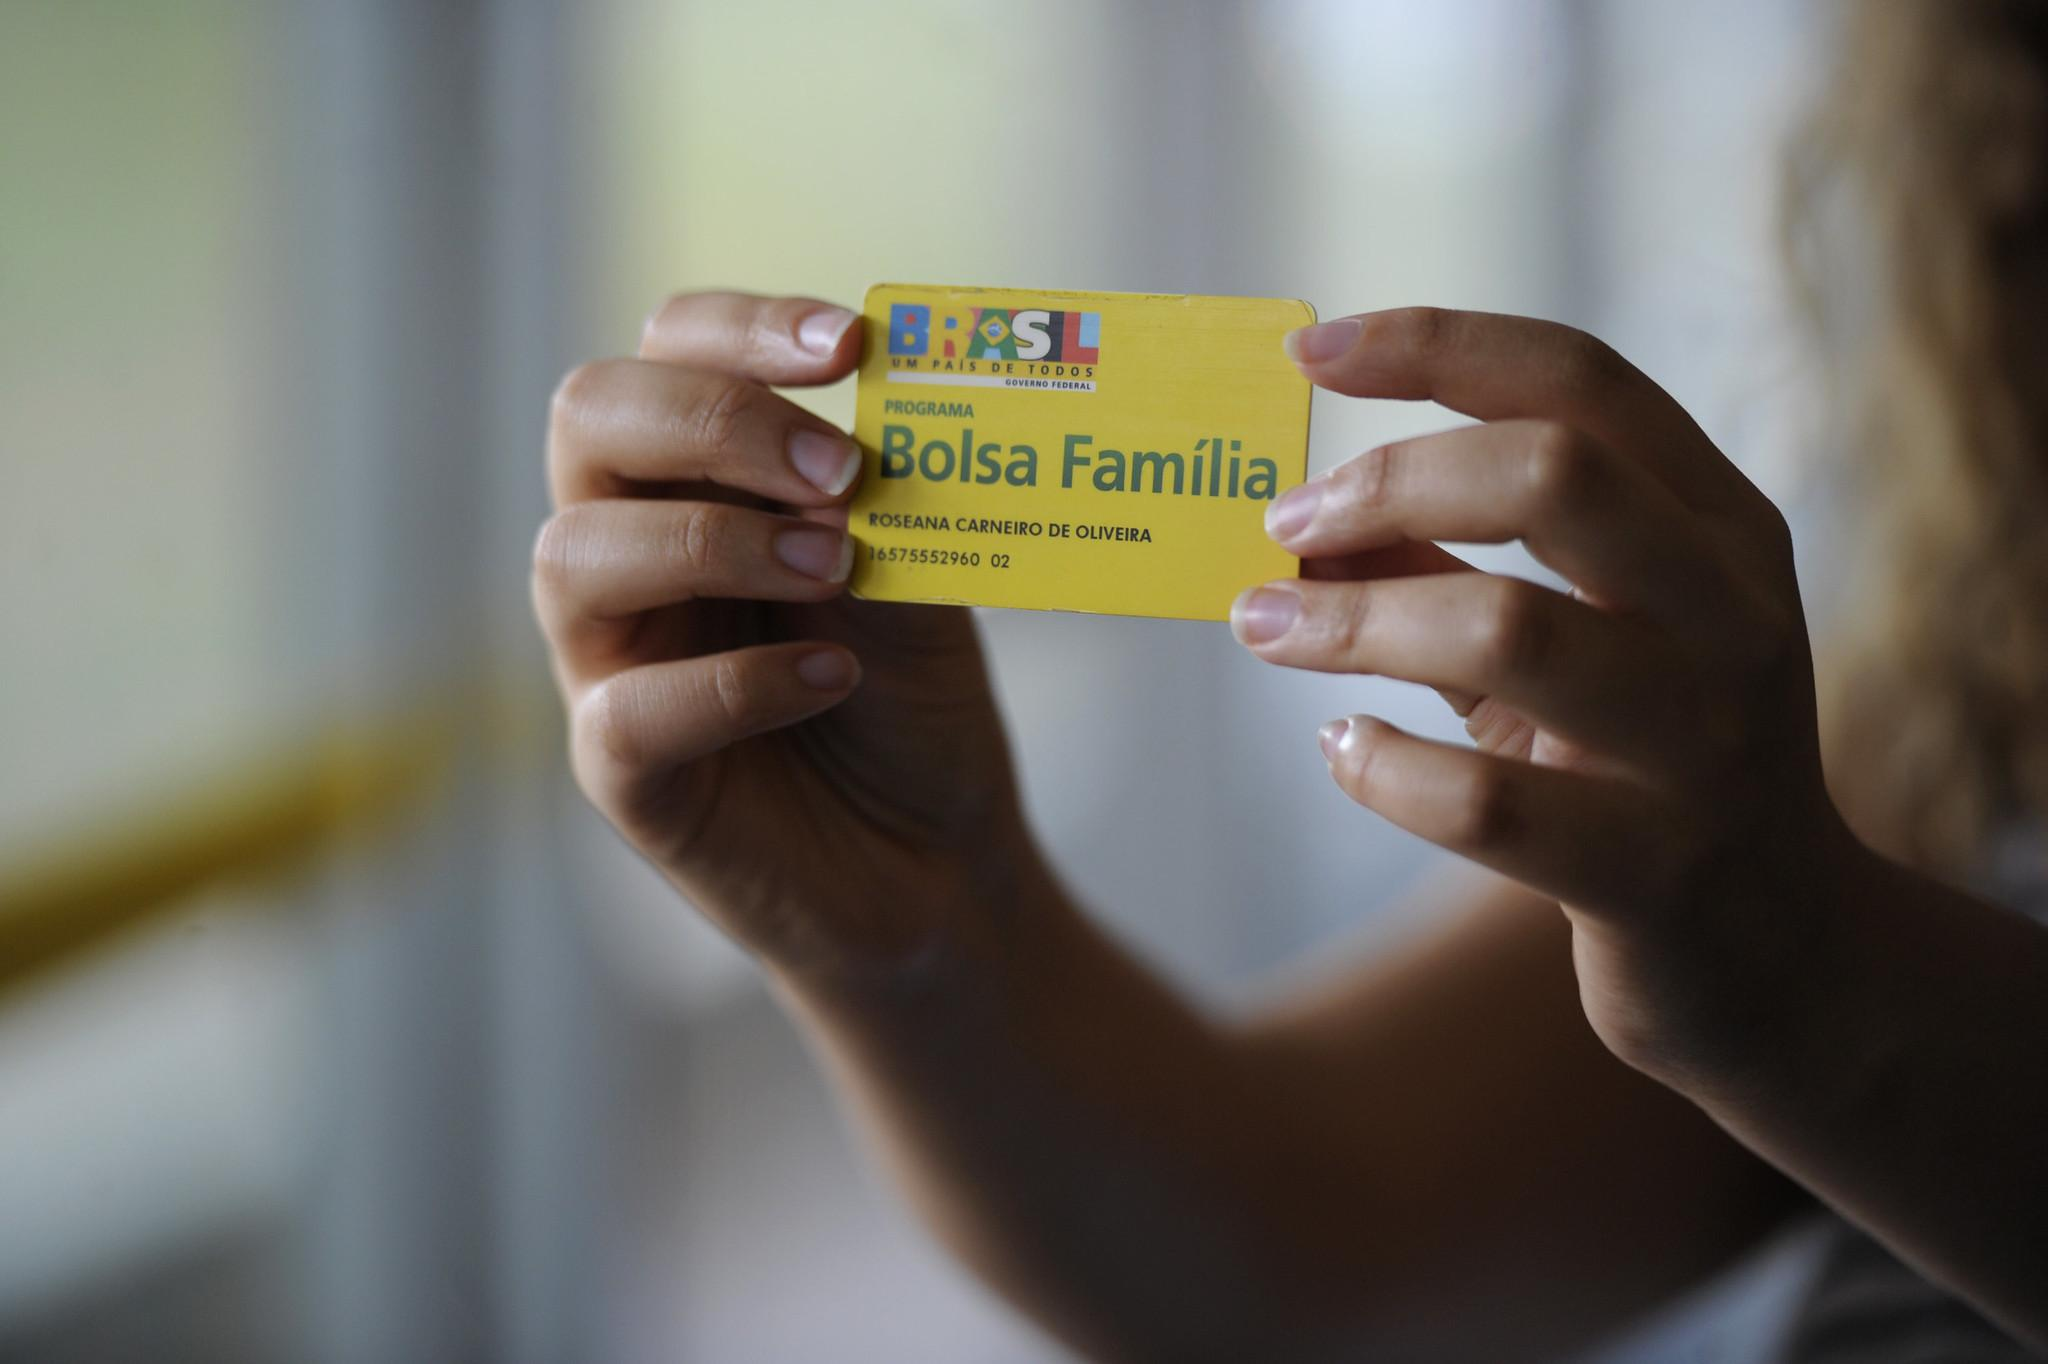 Cartão Bolsa Família. Auxílio emergencial